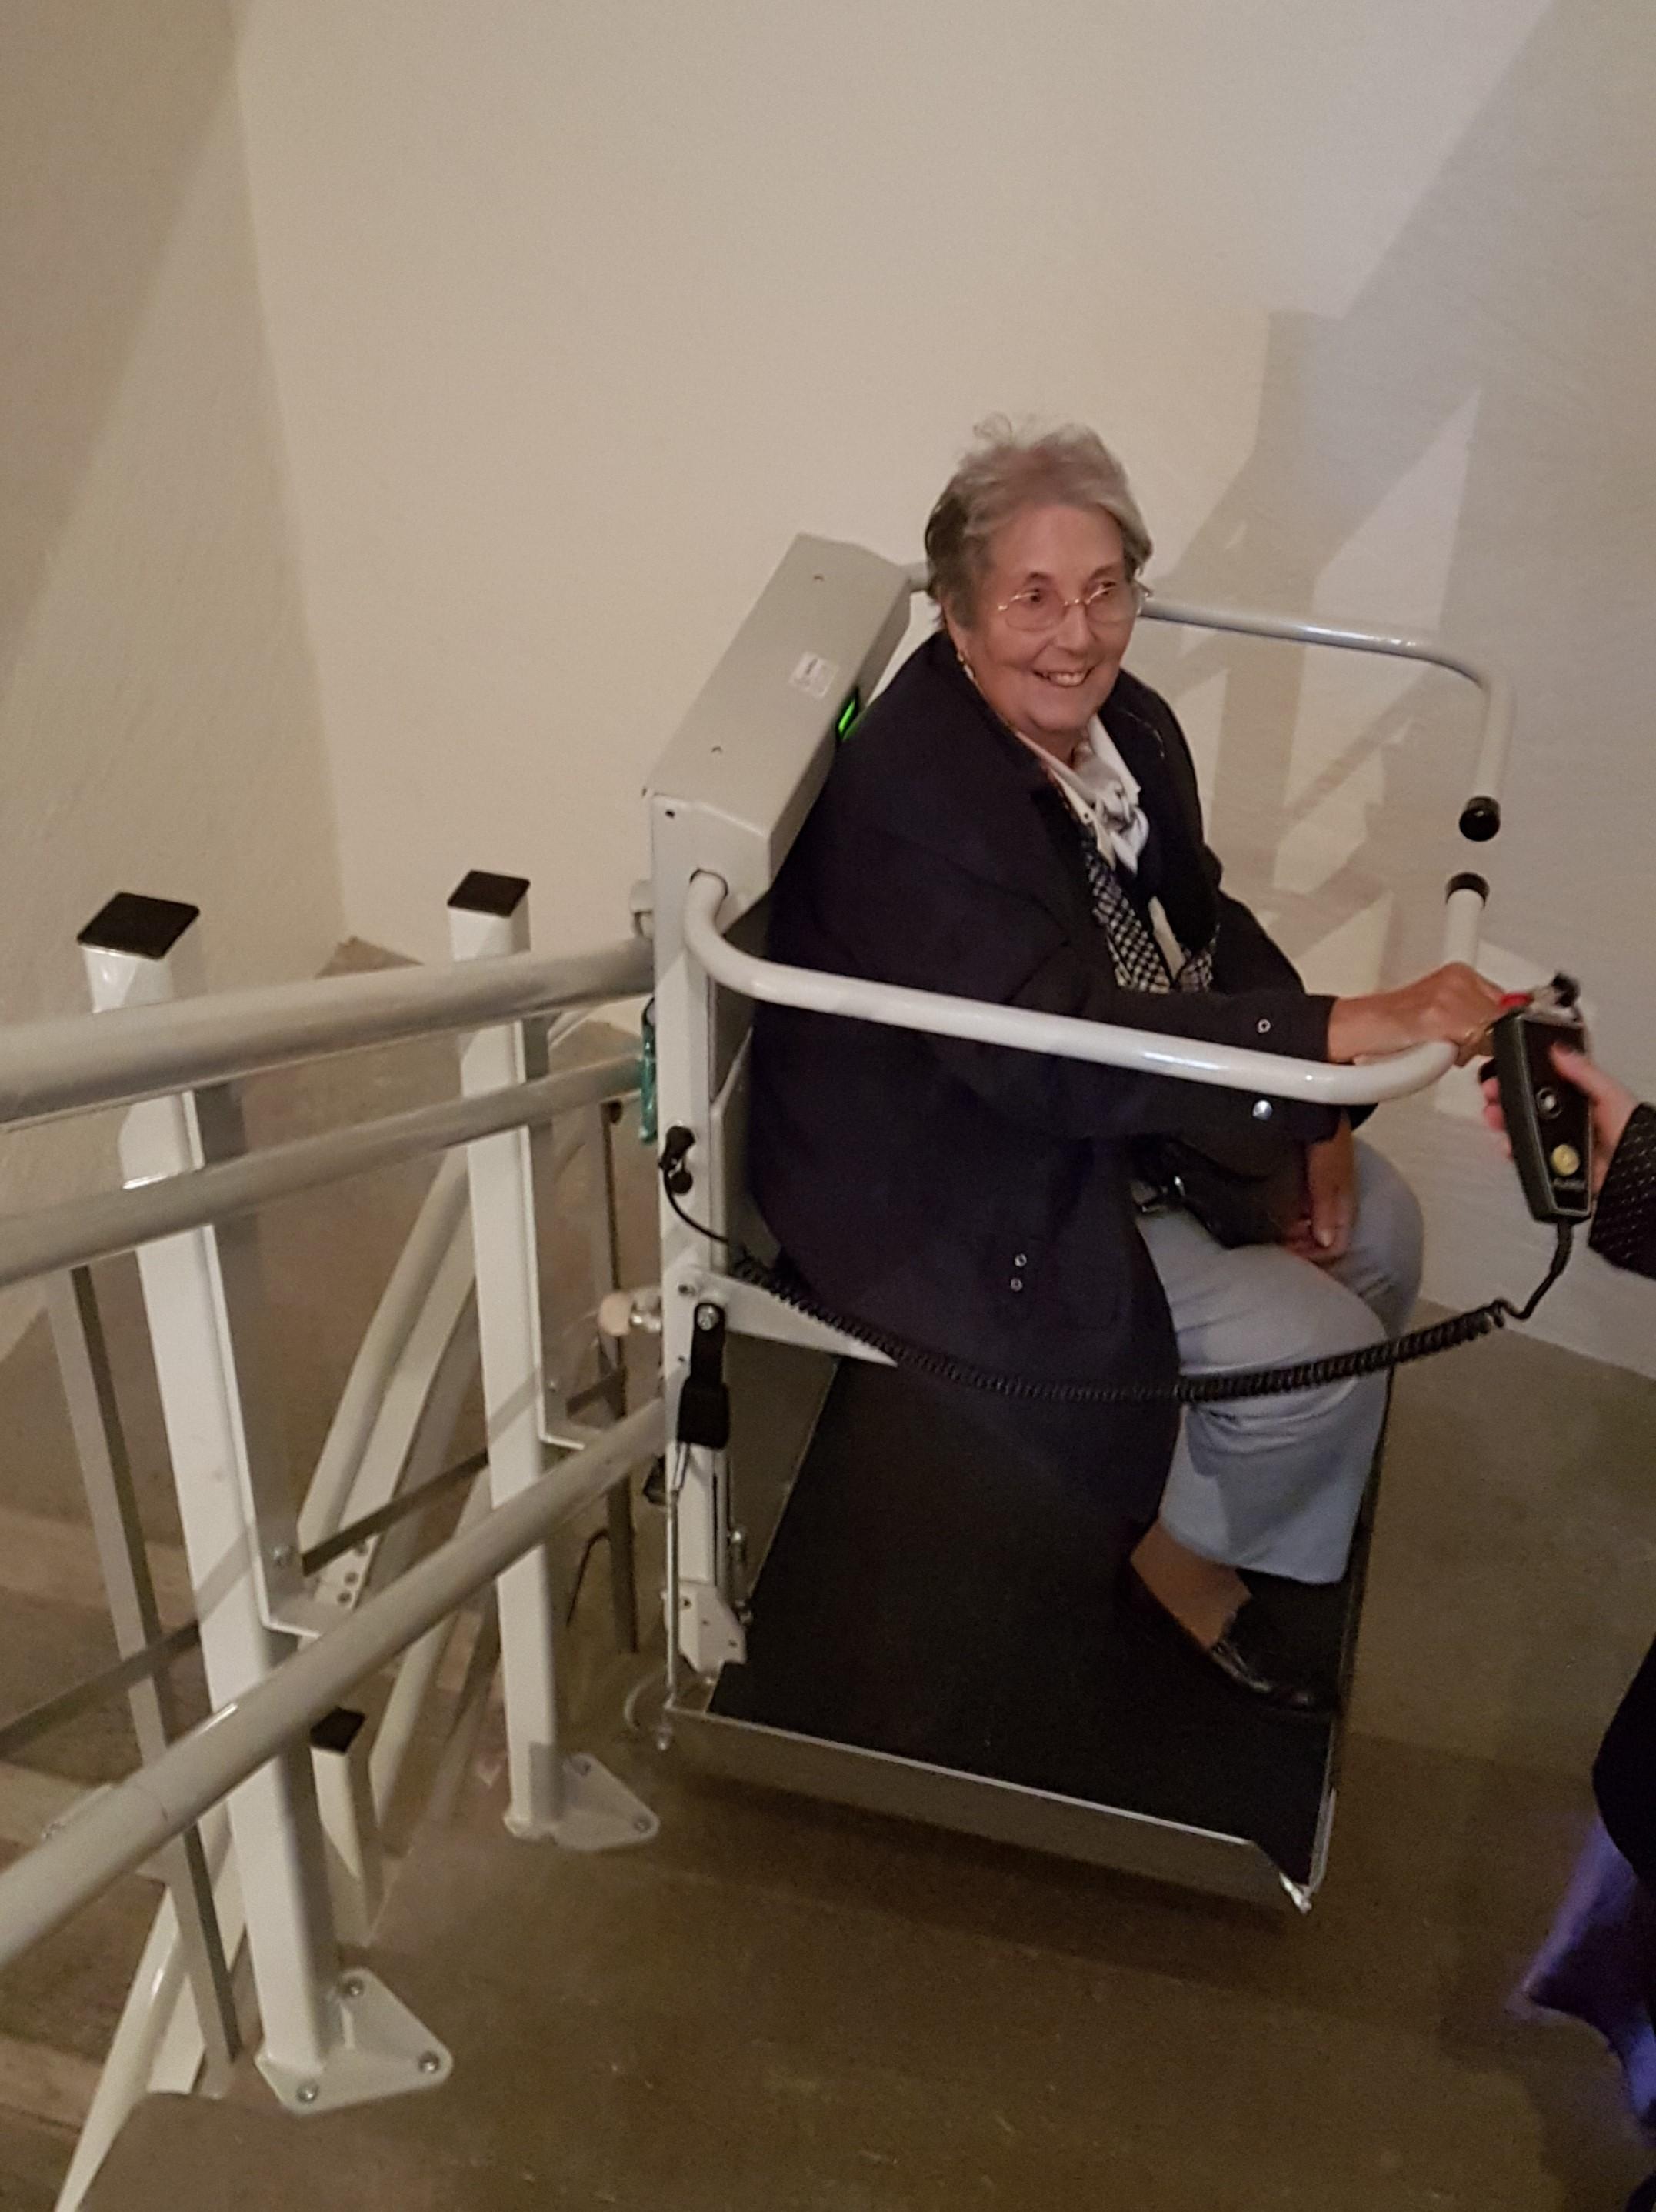 Ascenseur pour personnes en situation de handicap